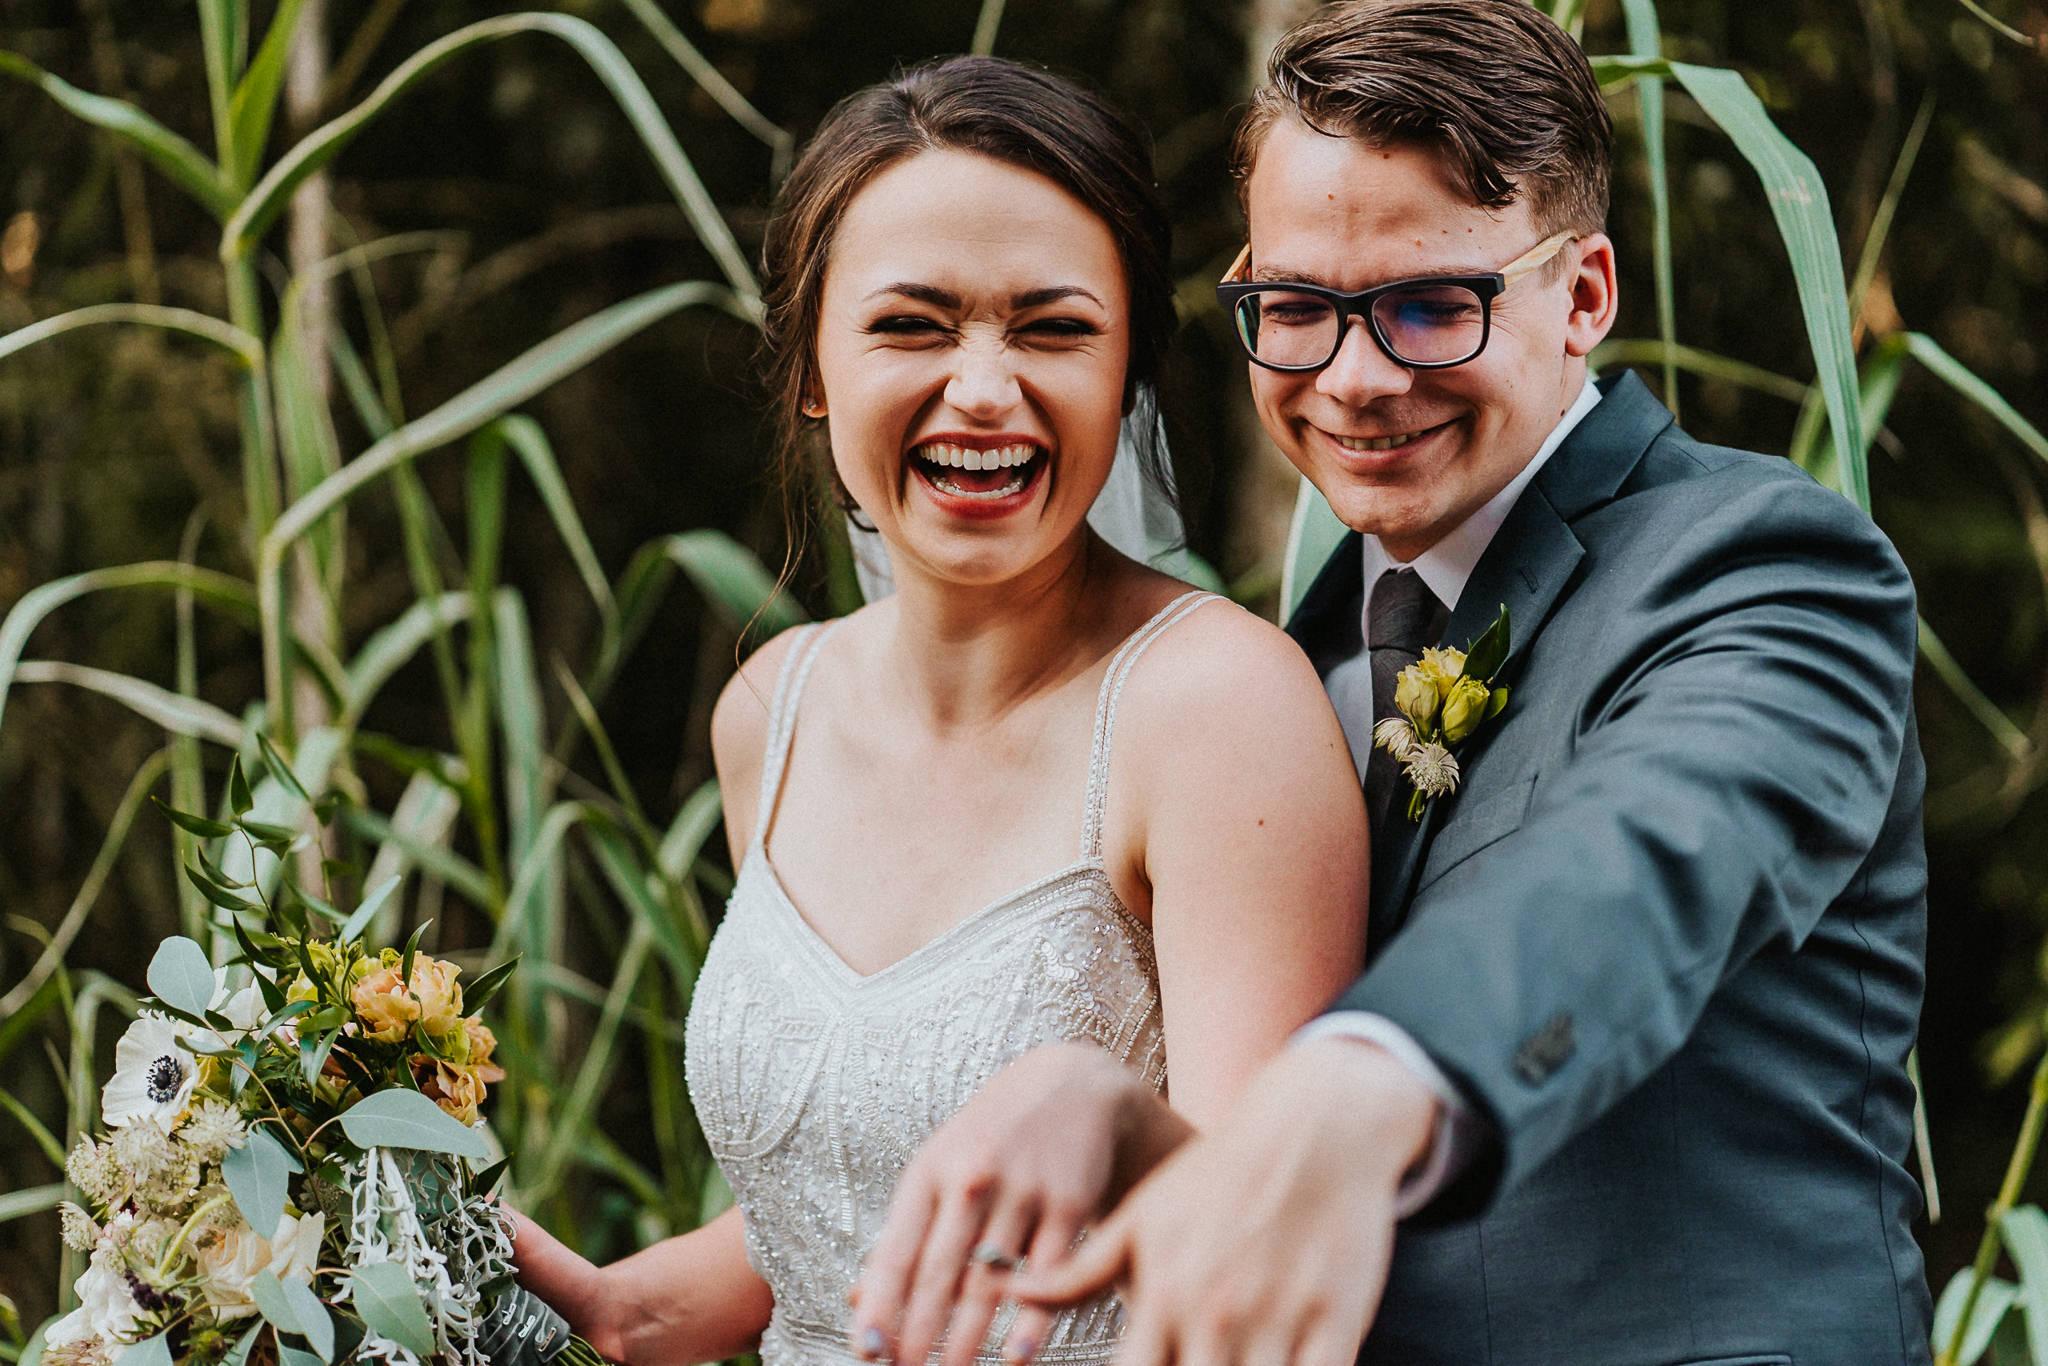 Laugh Wedding rings Bride Groom Water Oasis Newberg Oregon Best